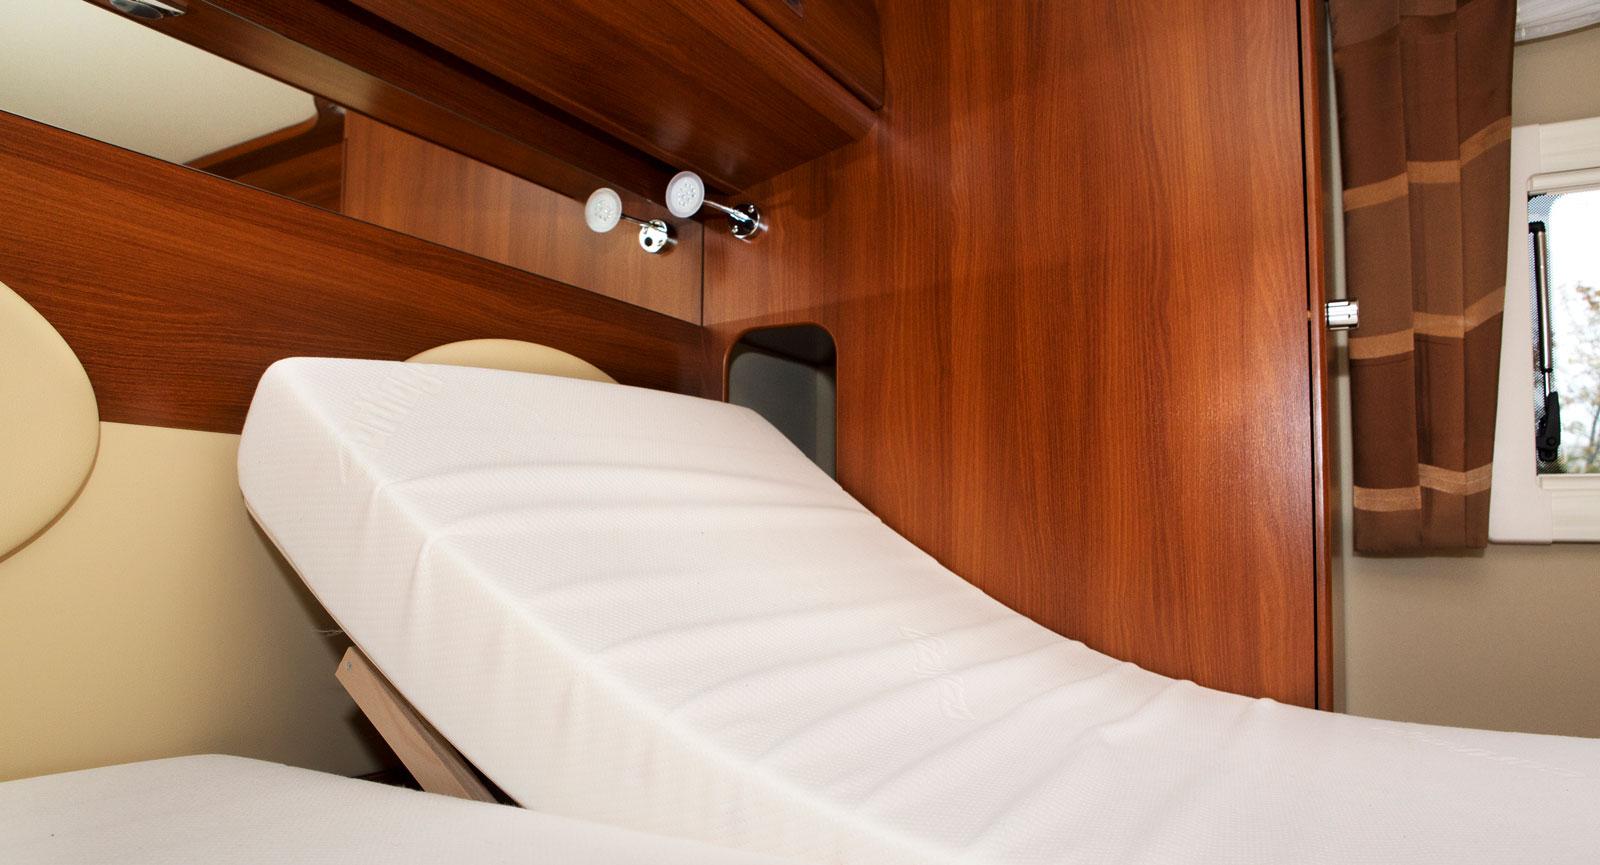 Läs. Sängbotten kan höjas vilket ger skön läsställning.